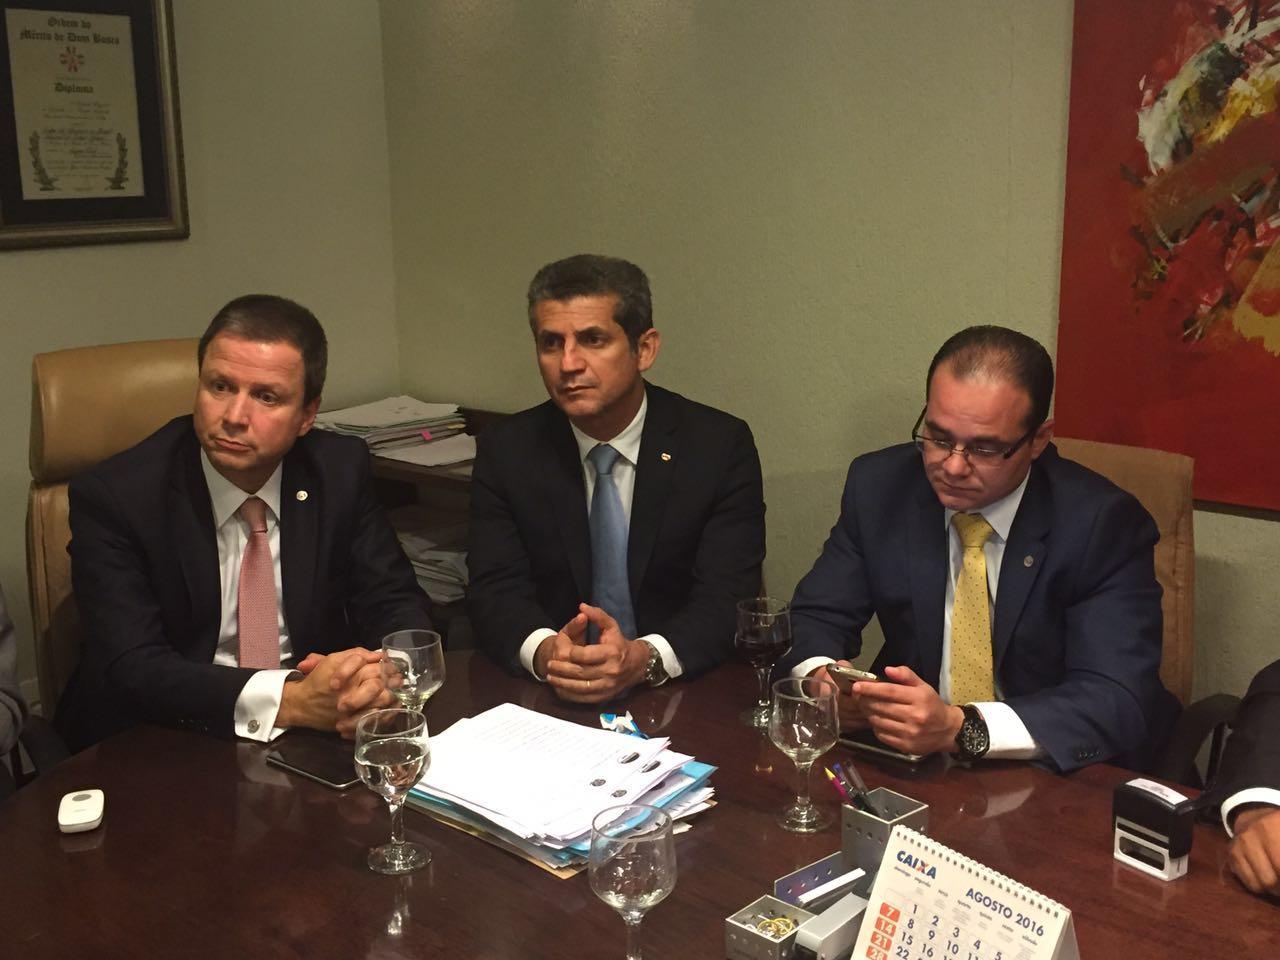 Presidentes da OAB apresentam demandas da advocacia ao procurador-chefe do INSS